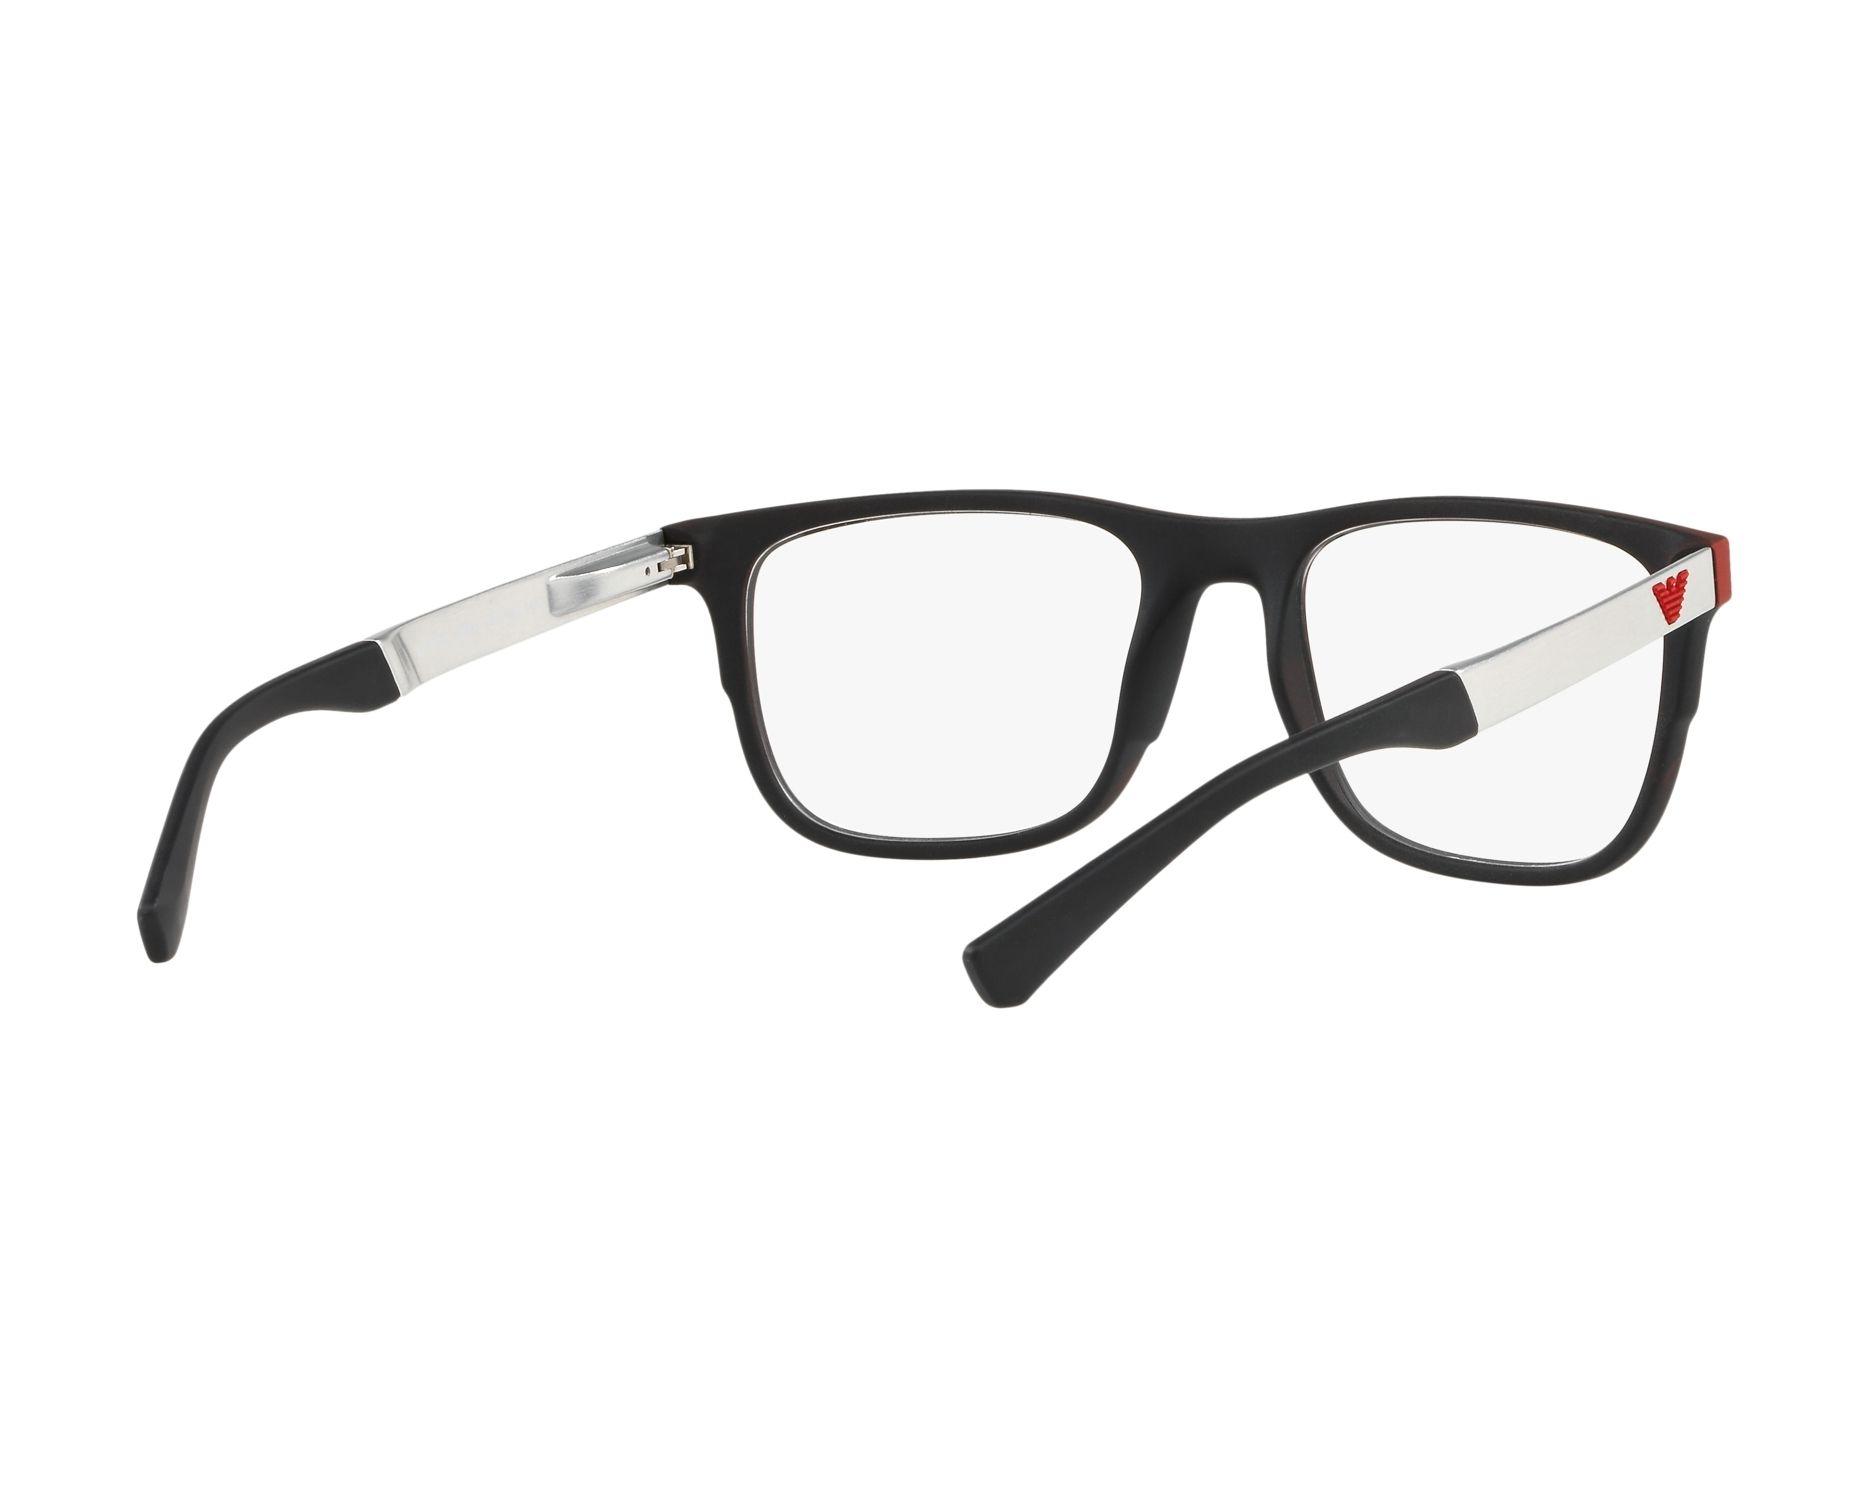 Emporio Armani Herren Brille » EA3133«, schwarz, 5666 - schwarz